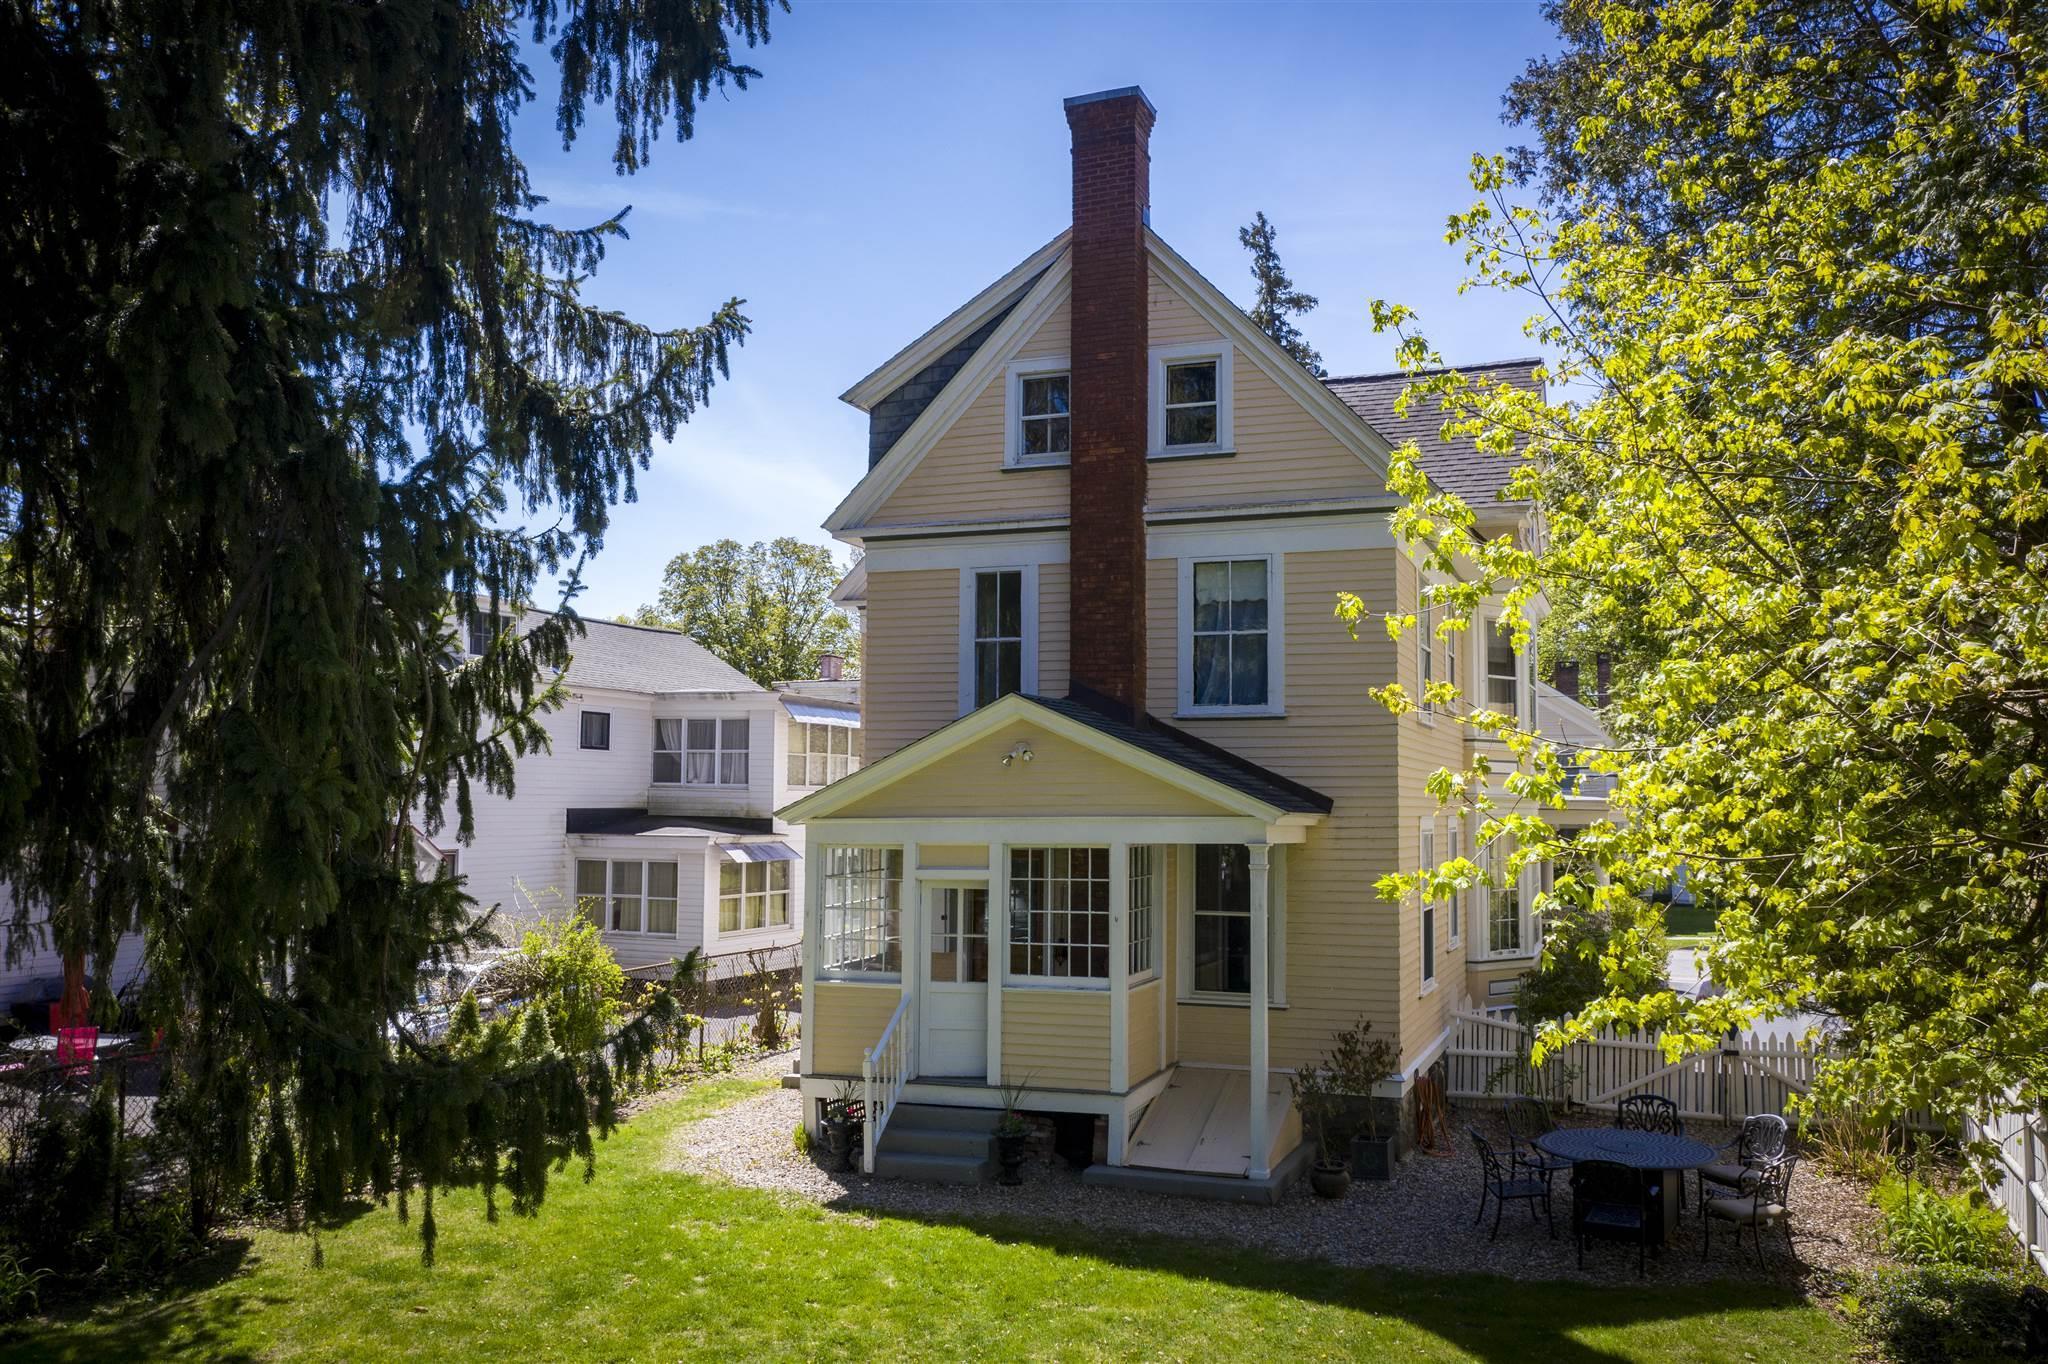 Saratoga S image 54